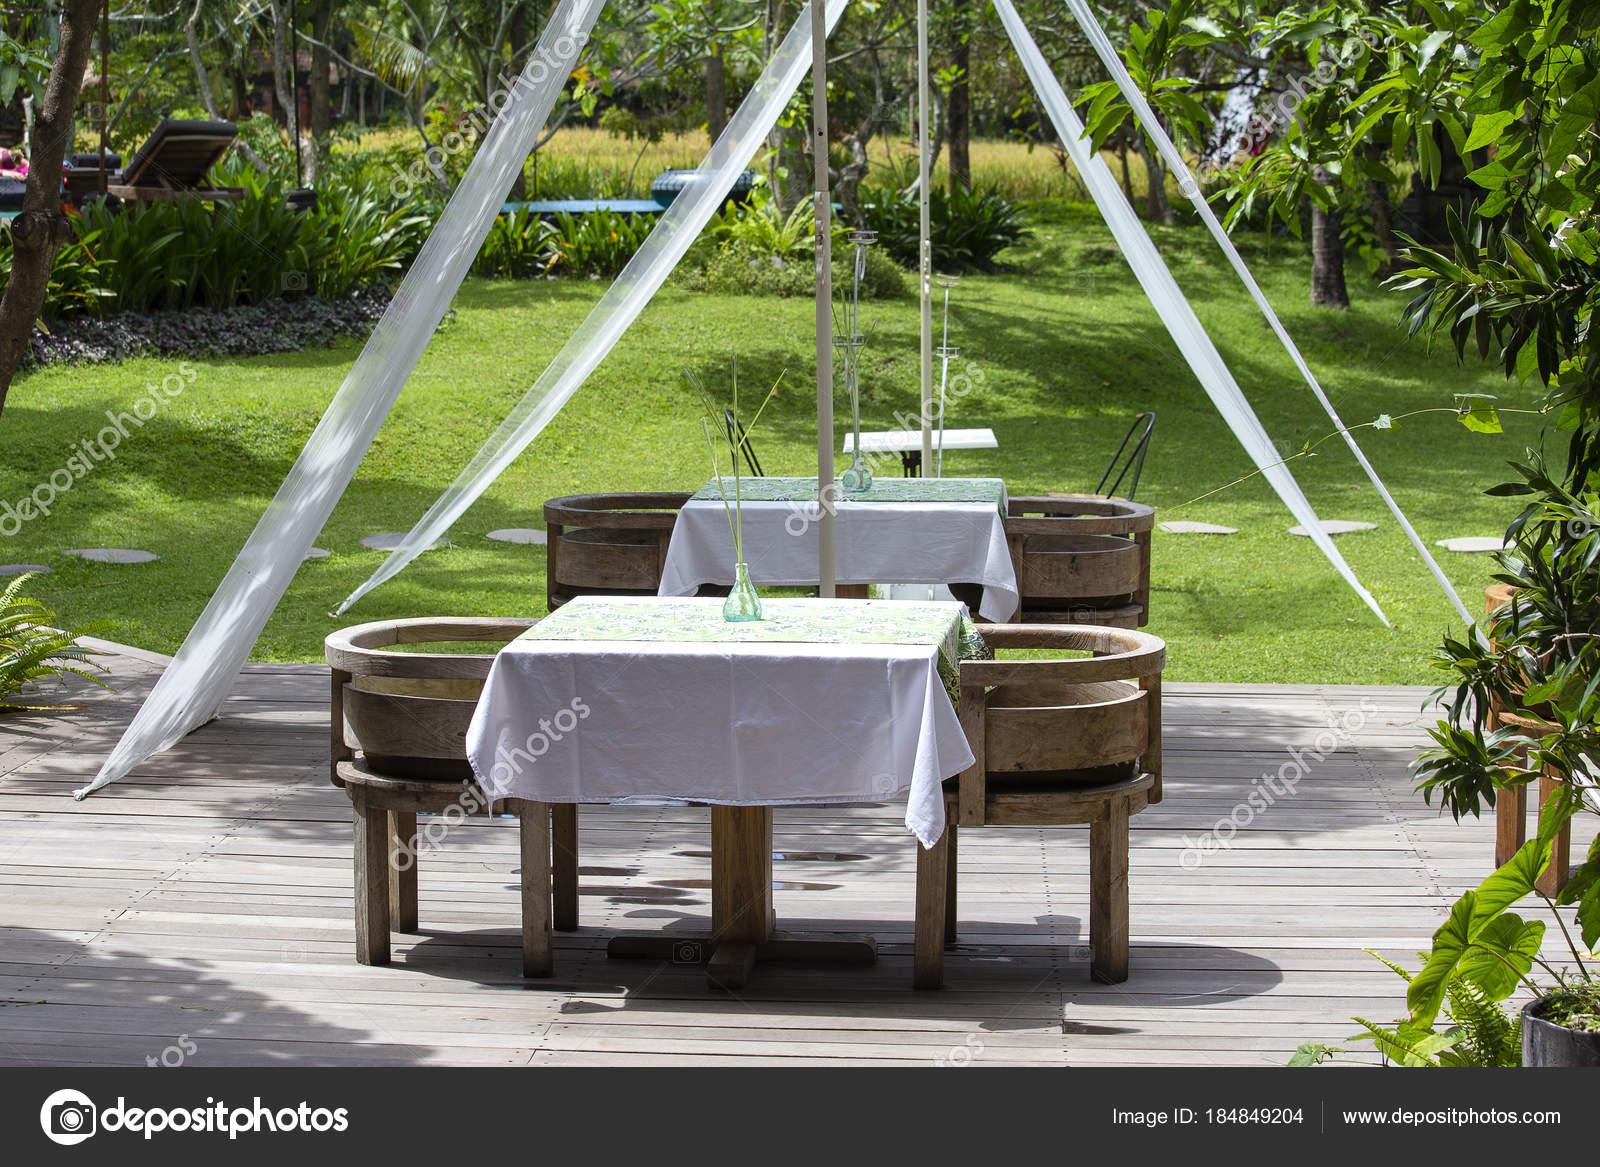 Und Tisch Stühle UbudIndonesien Im Tropischen GartenInsel Bali 6Ybf7gyv